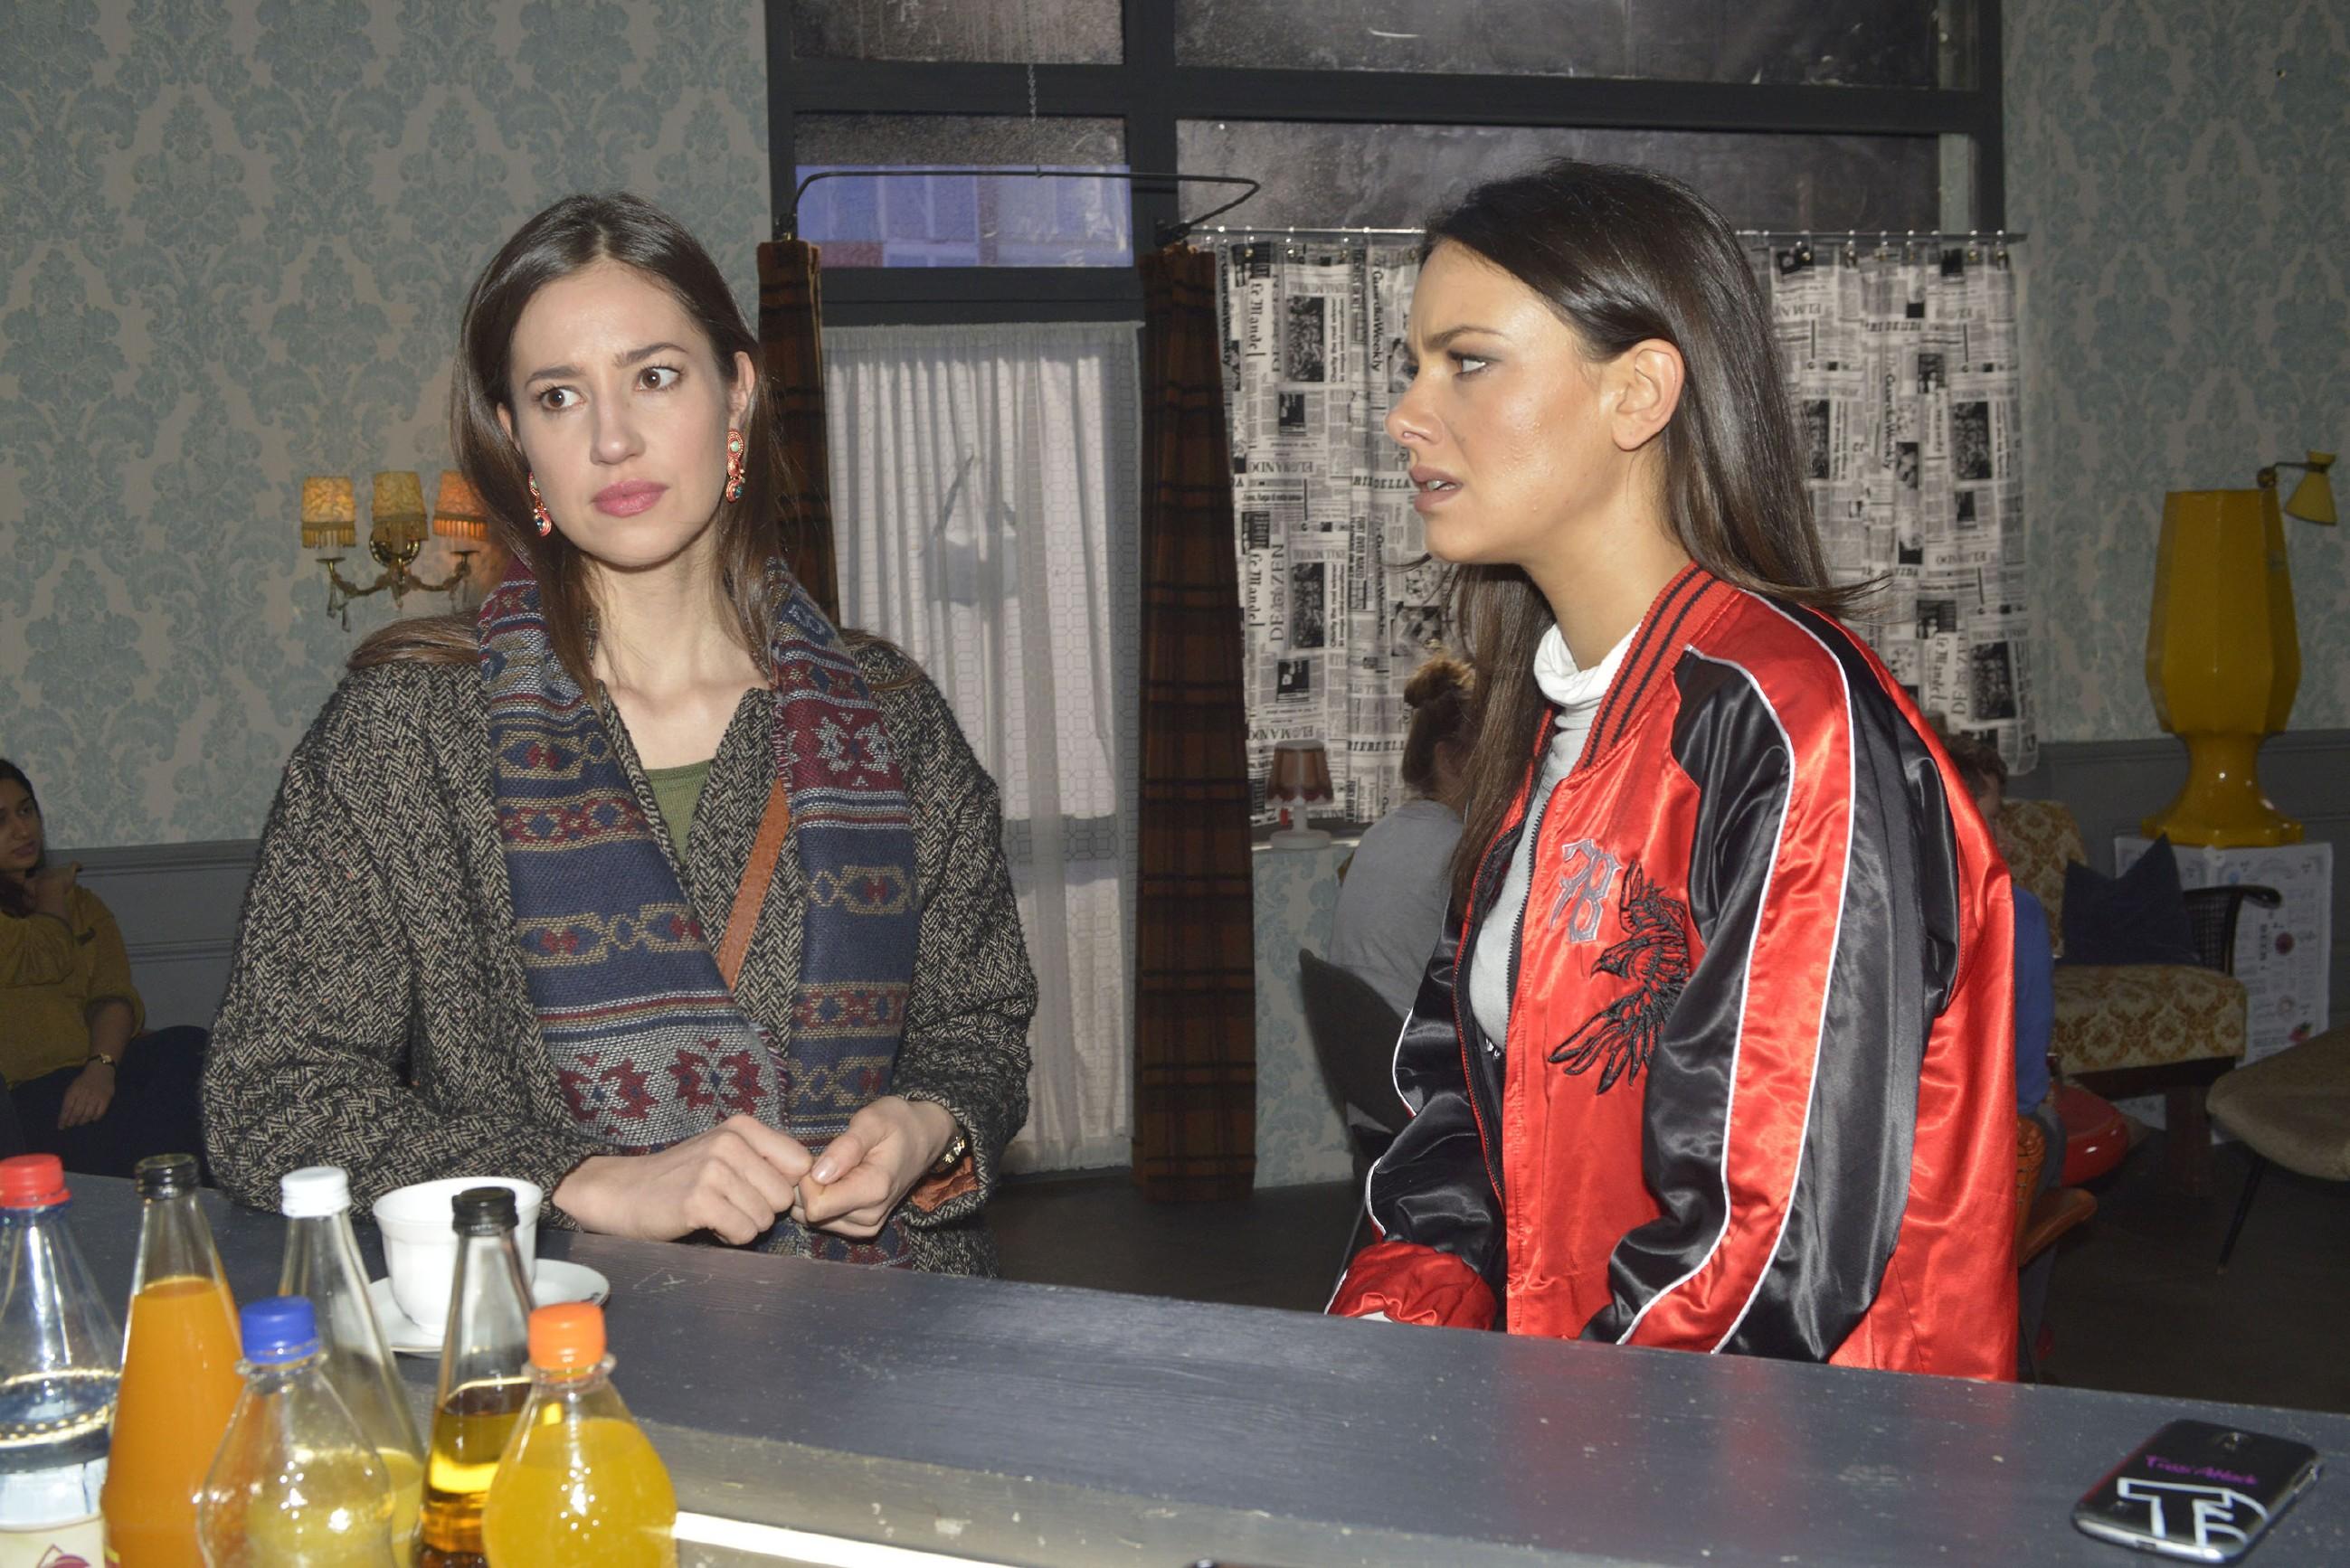 Elena (Elena Garcia Gerlach, l.) trifft es, als Jasmin (Janina Uhse) auf ihre Beziehung zu Gerner befremdet reagiert. (Quelle: RTL / Rolf Baumgartner)